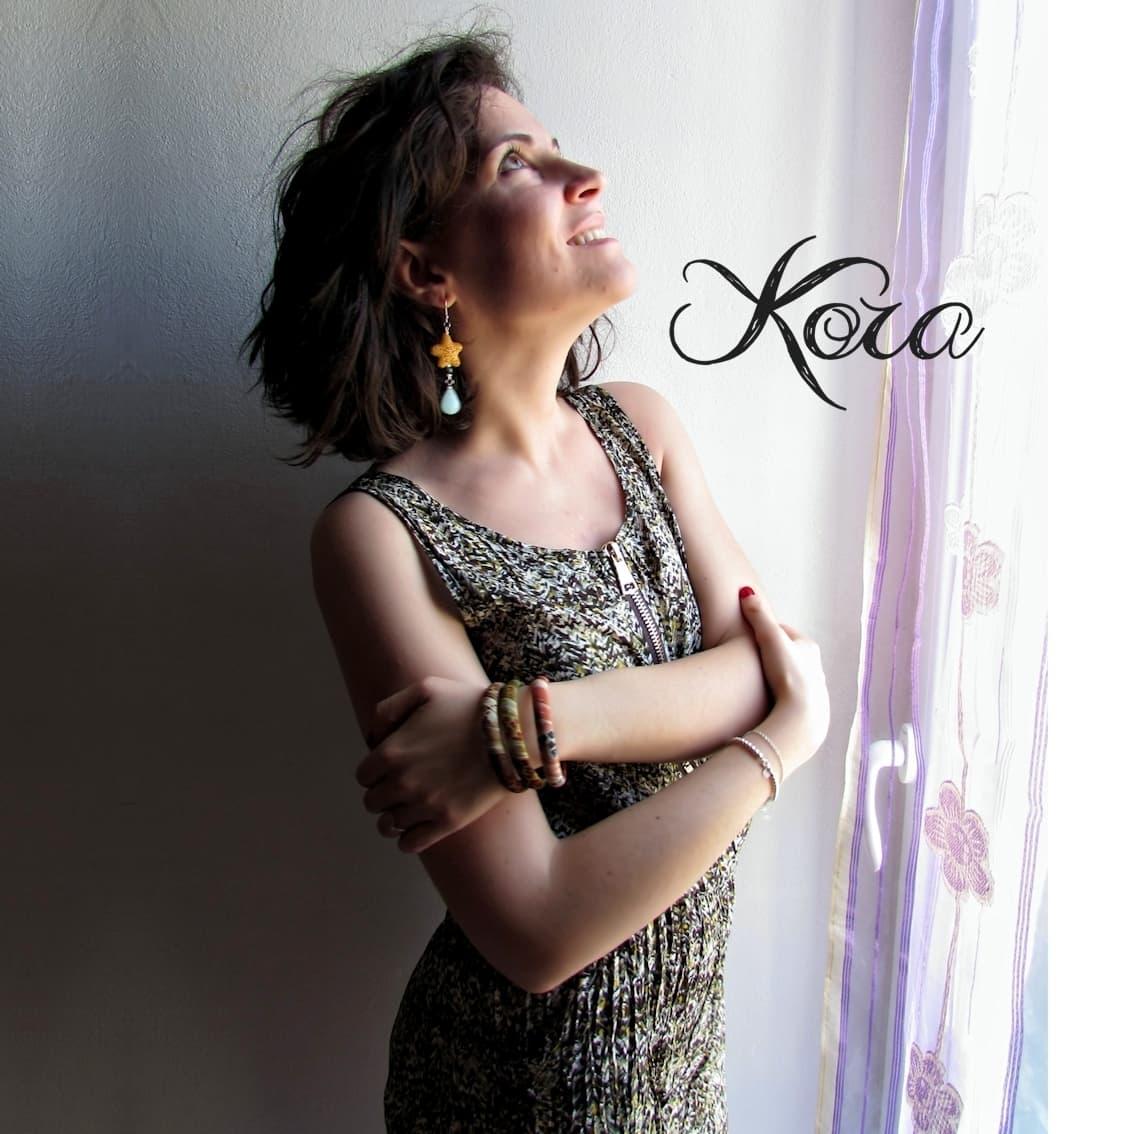 Kora_Handmade